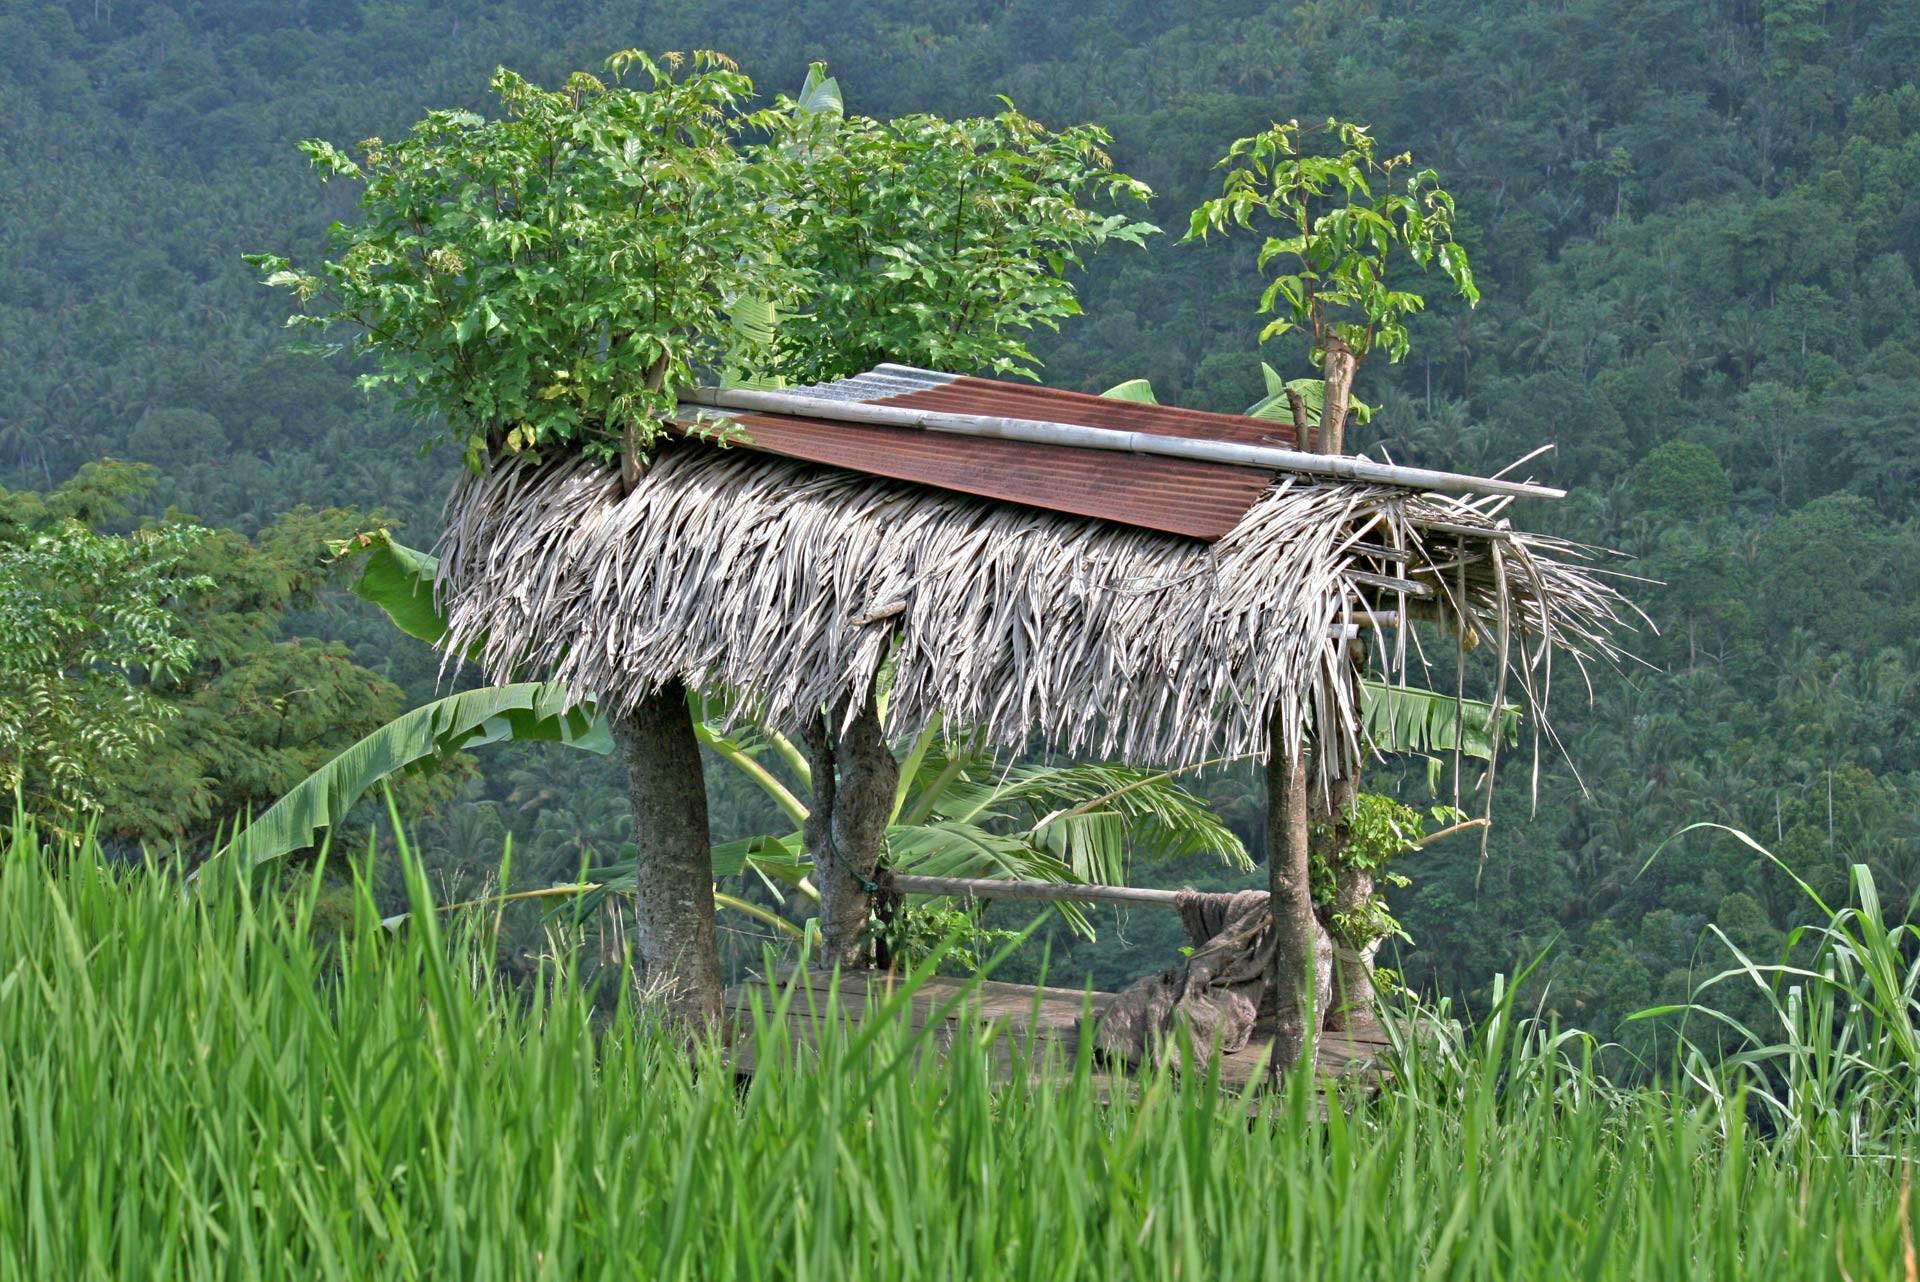 Sonnenschutz auf dem Reisfeld für die Bauern